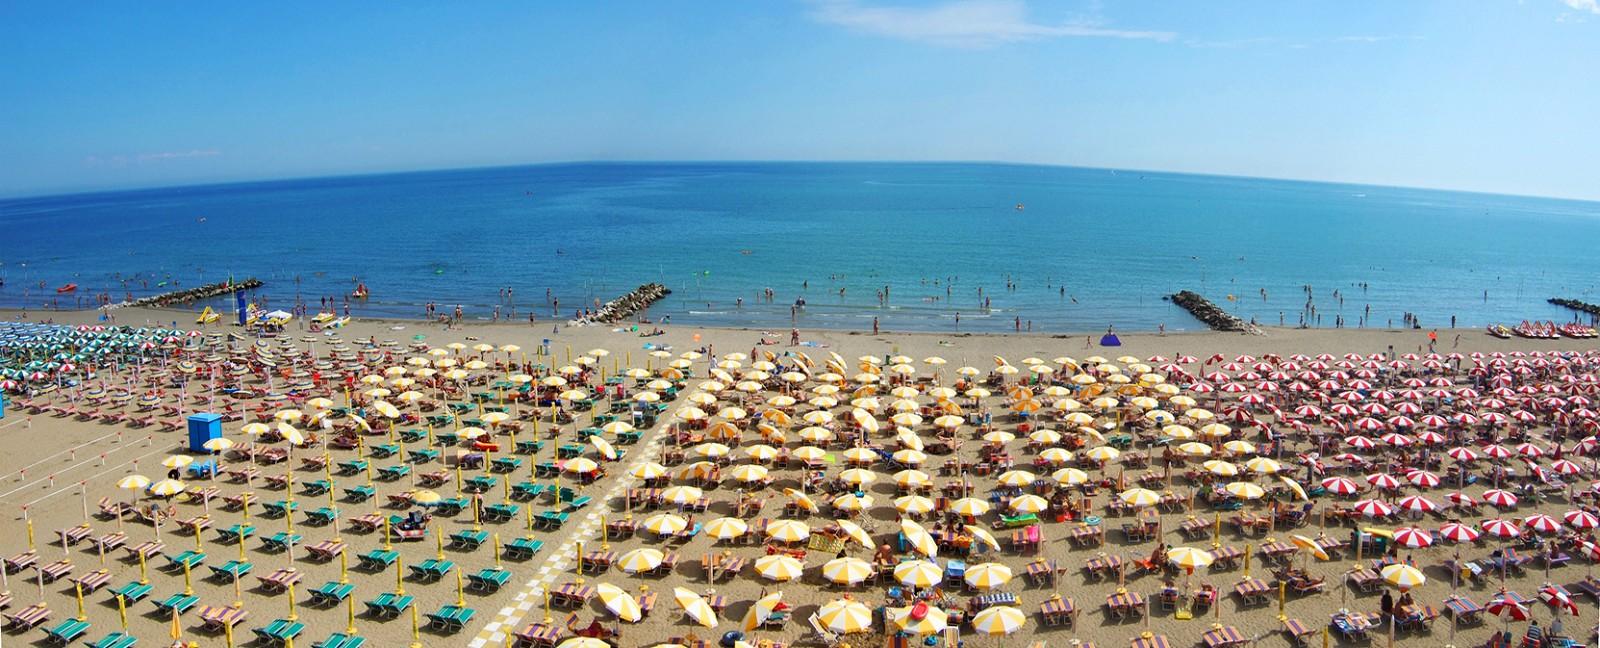 Matrimonio Spiaggia Caorle : Spiaggia di levante caorle spiagge italiane su